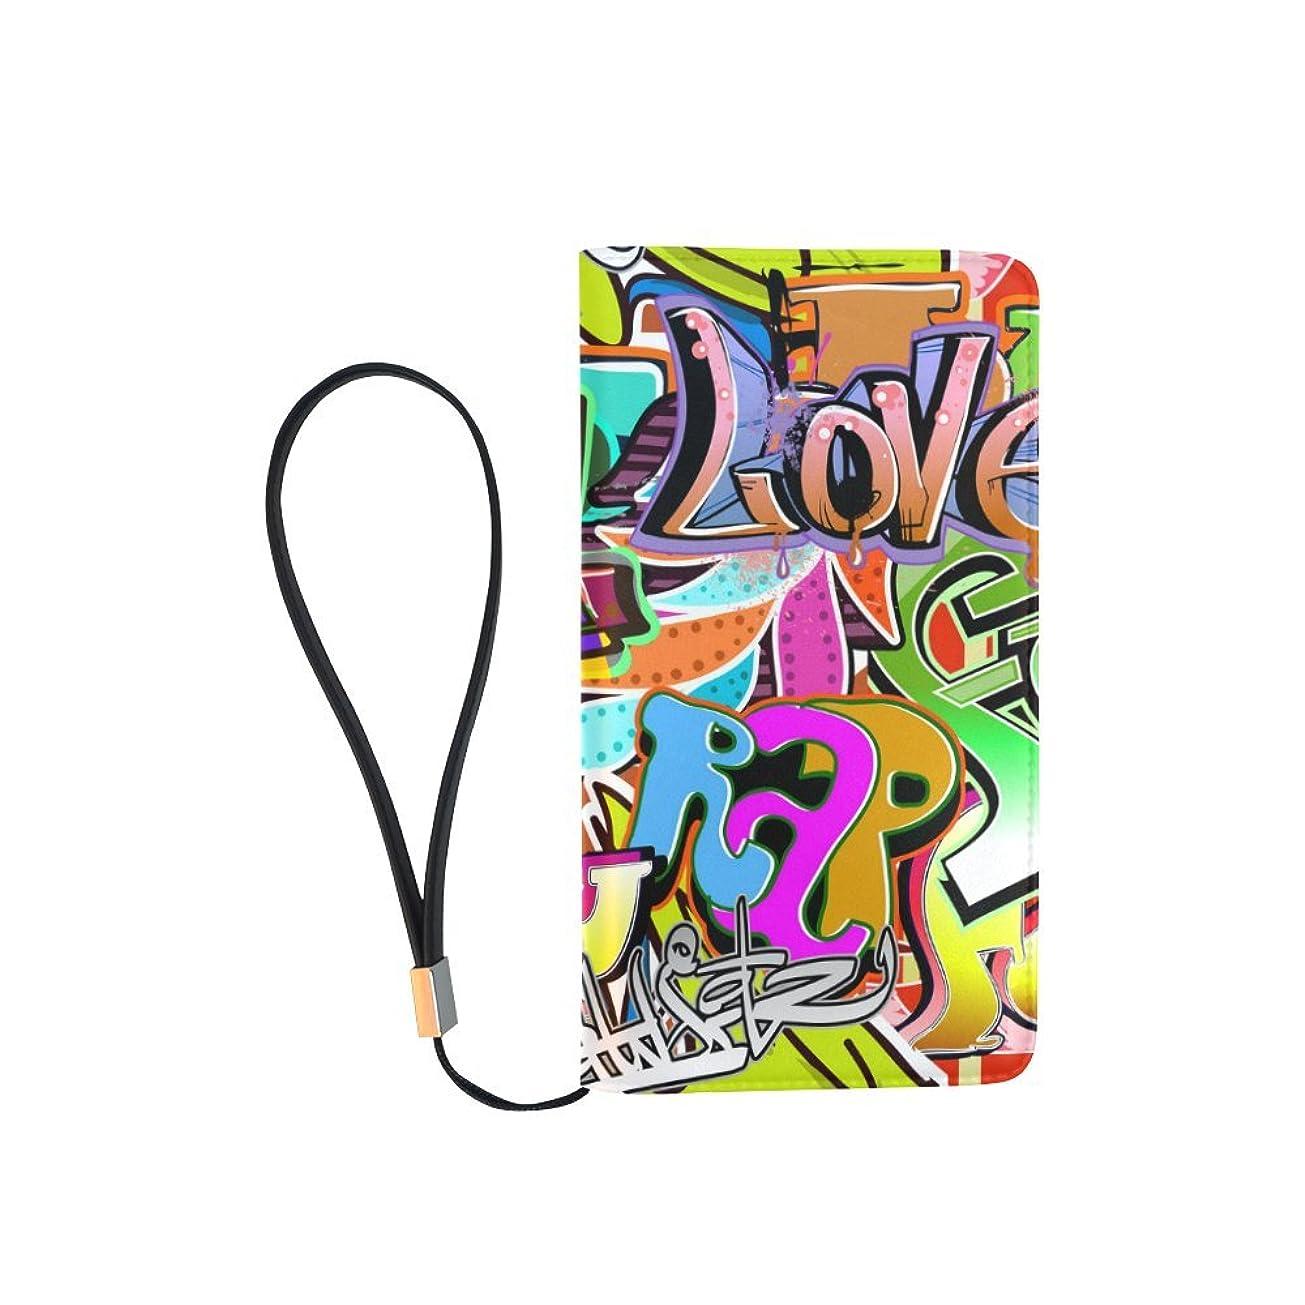 バケットキロメートルいつかメンズGraffiti Popアート財布クラッチバッグハンドバッグオーガナイザーZipper Purse With Wrist Strap